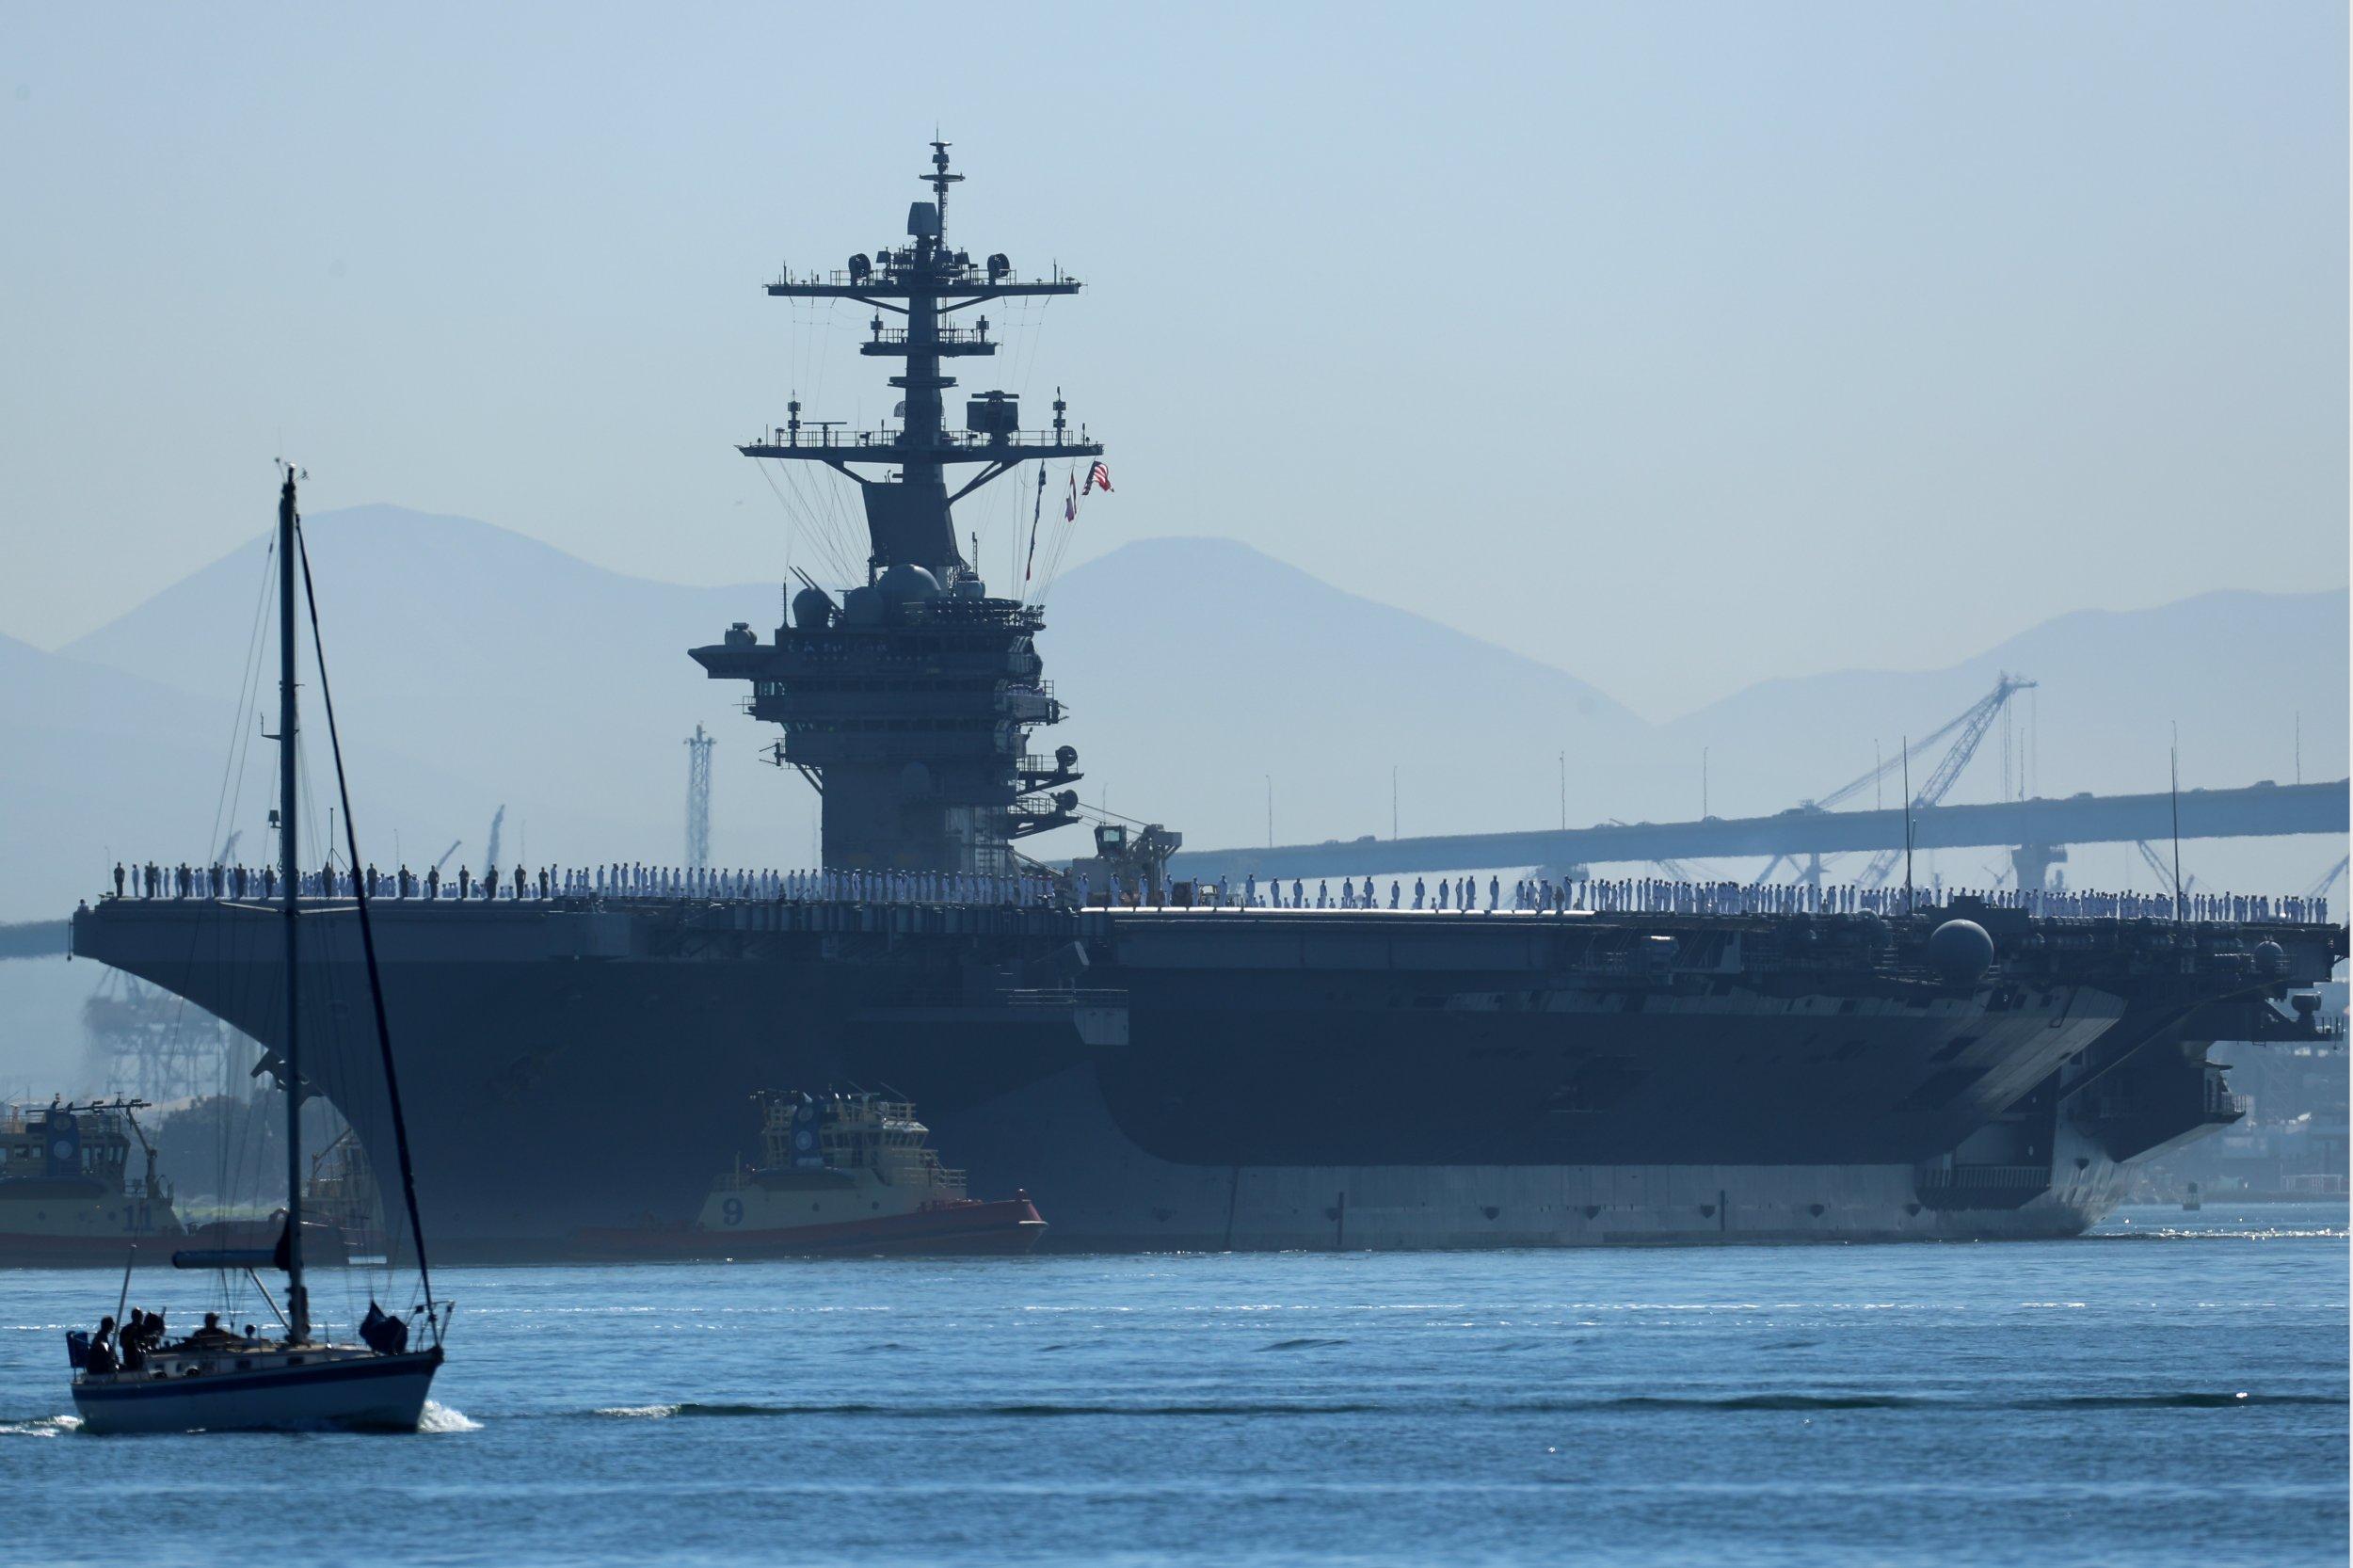 U.S. Warship Sails in Disputed Sea Amid Escalating ...